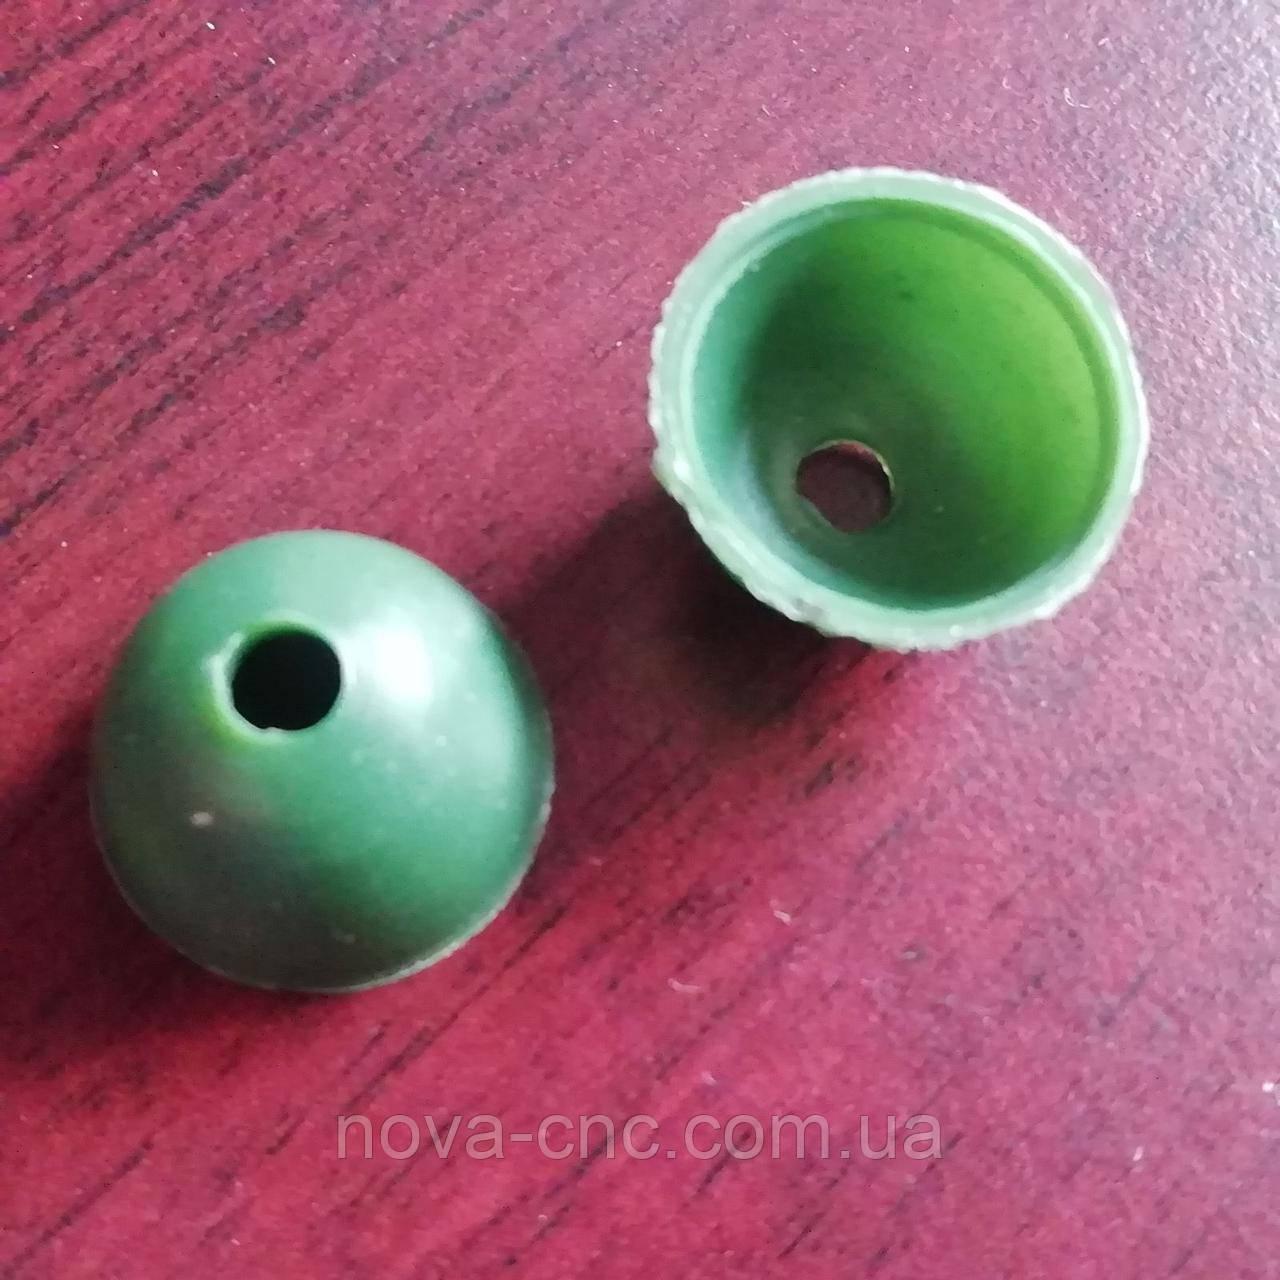 Сдерживающая серединка для цветка Диаметр 1,6 см Упаковка 25 шт Цвет зеленый